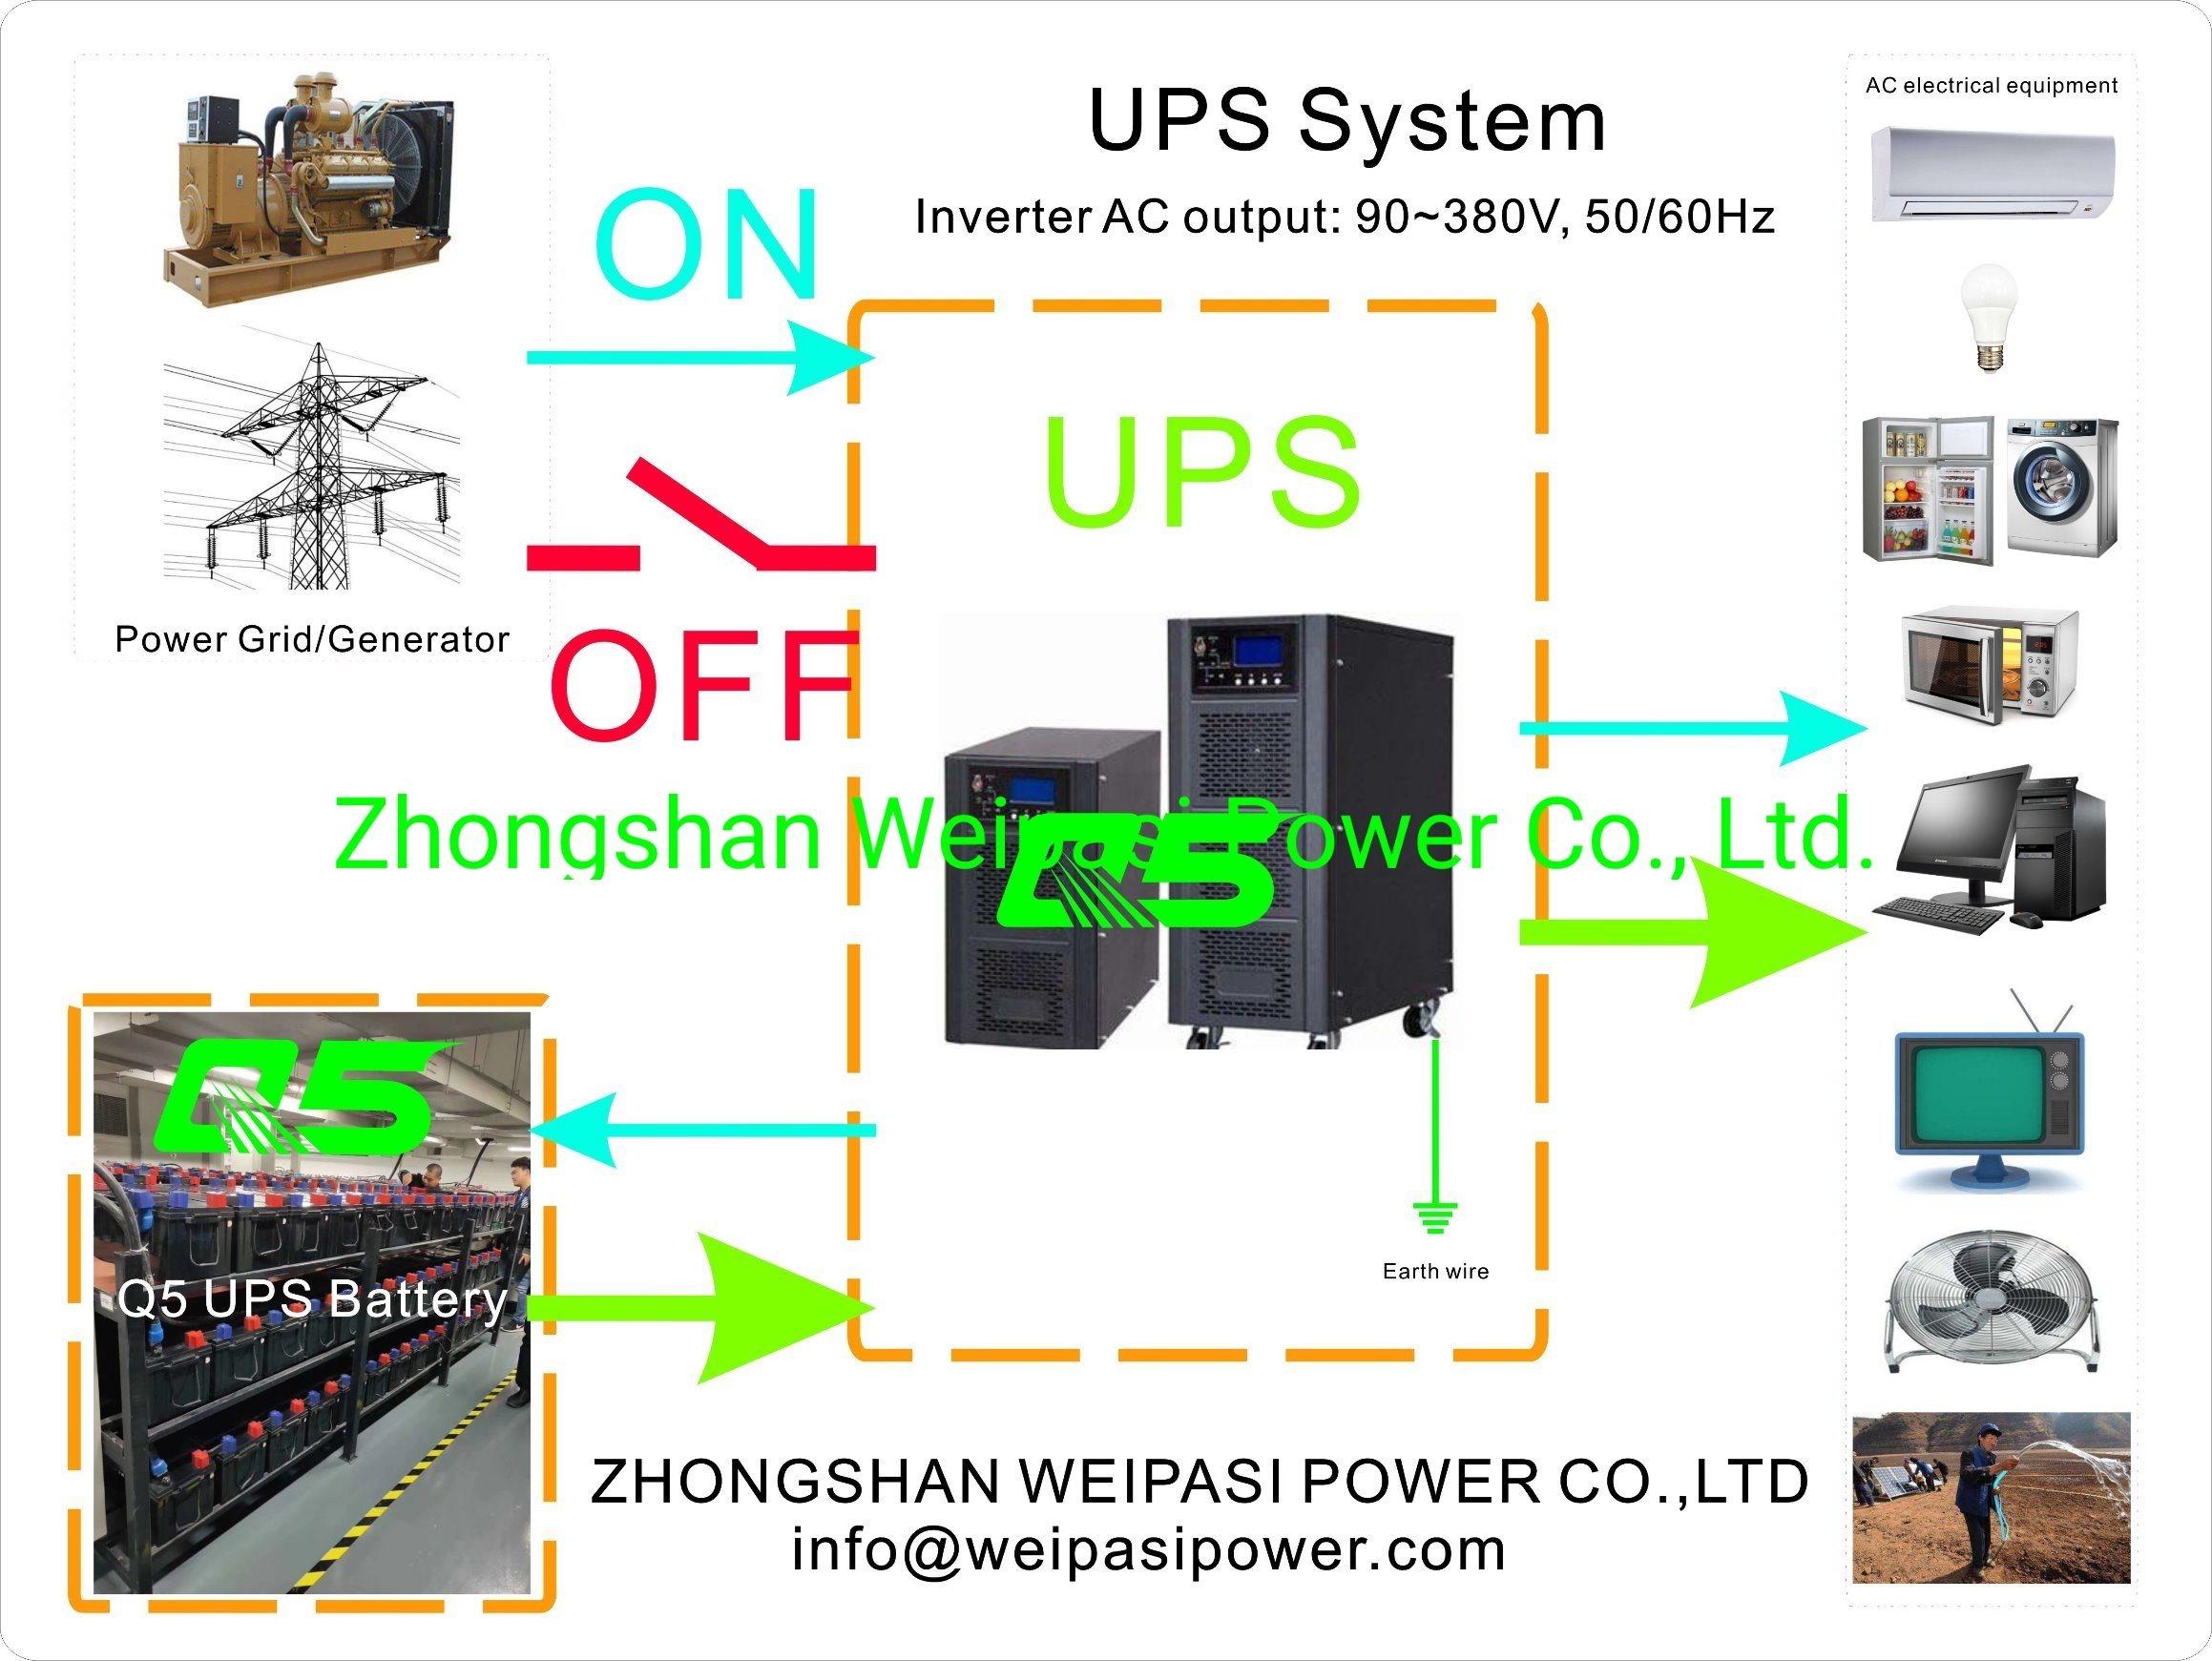 [Hot Item] 30kVA(24KW) 0 1~12 hour AC220-240V Online Pure Sine Wave UPS  System Computer Monitor Server Blackout